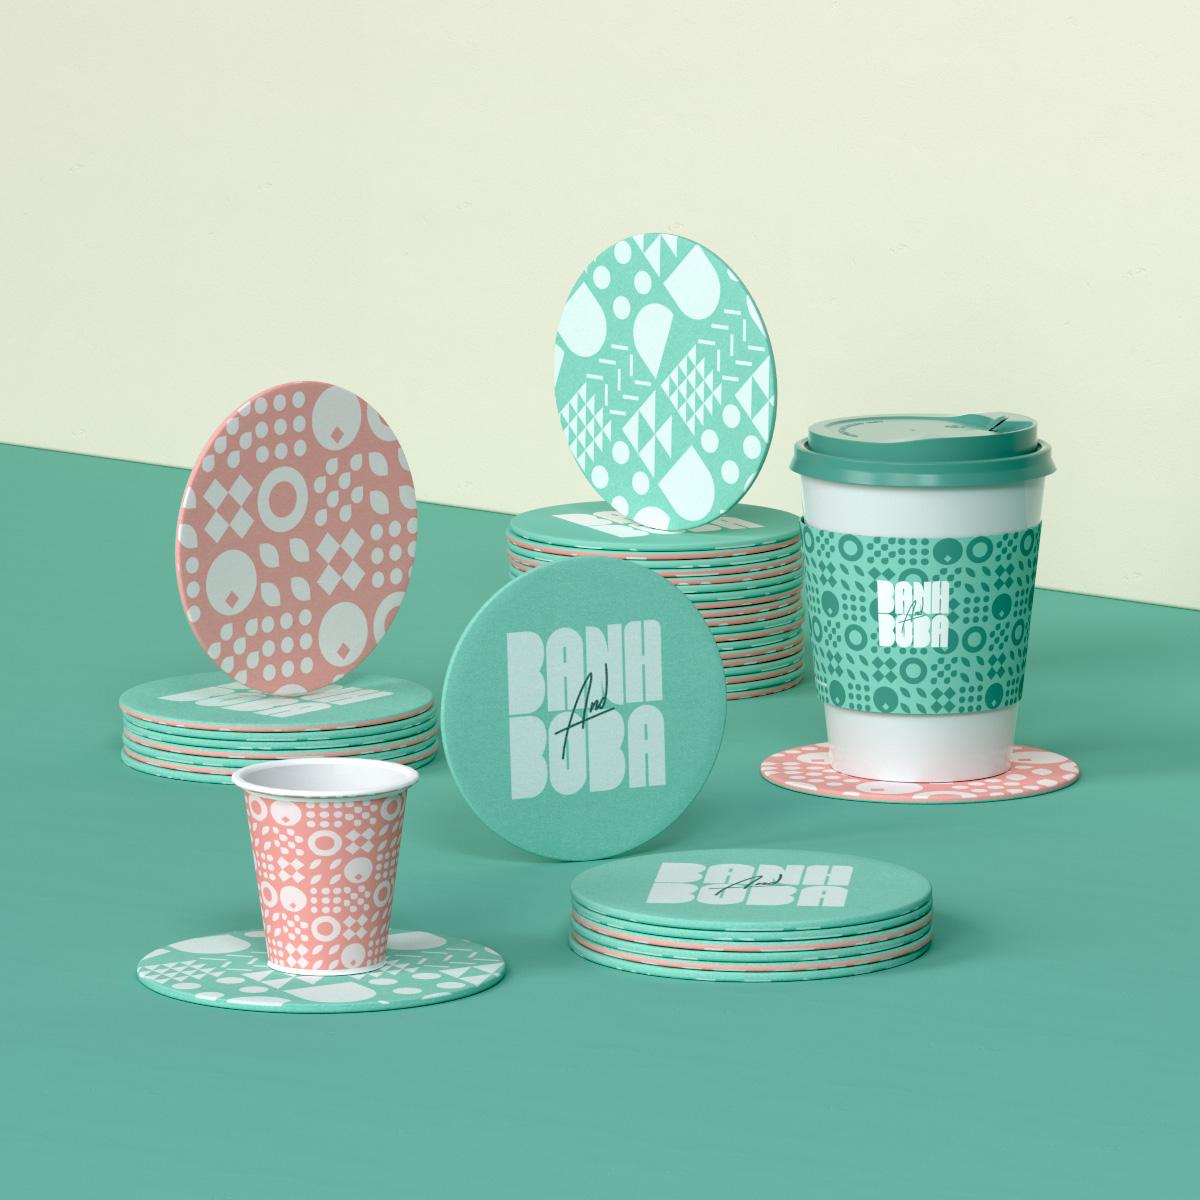 Banh and Boba cup and coasters